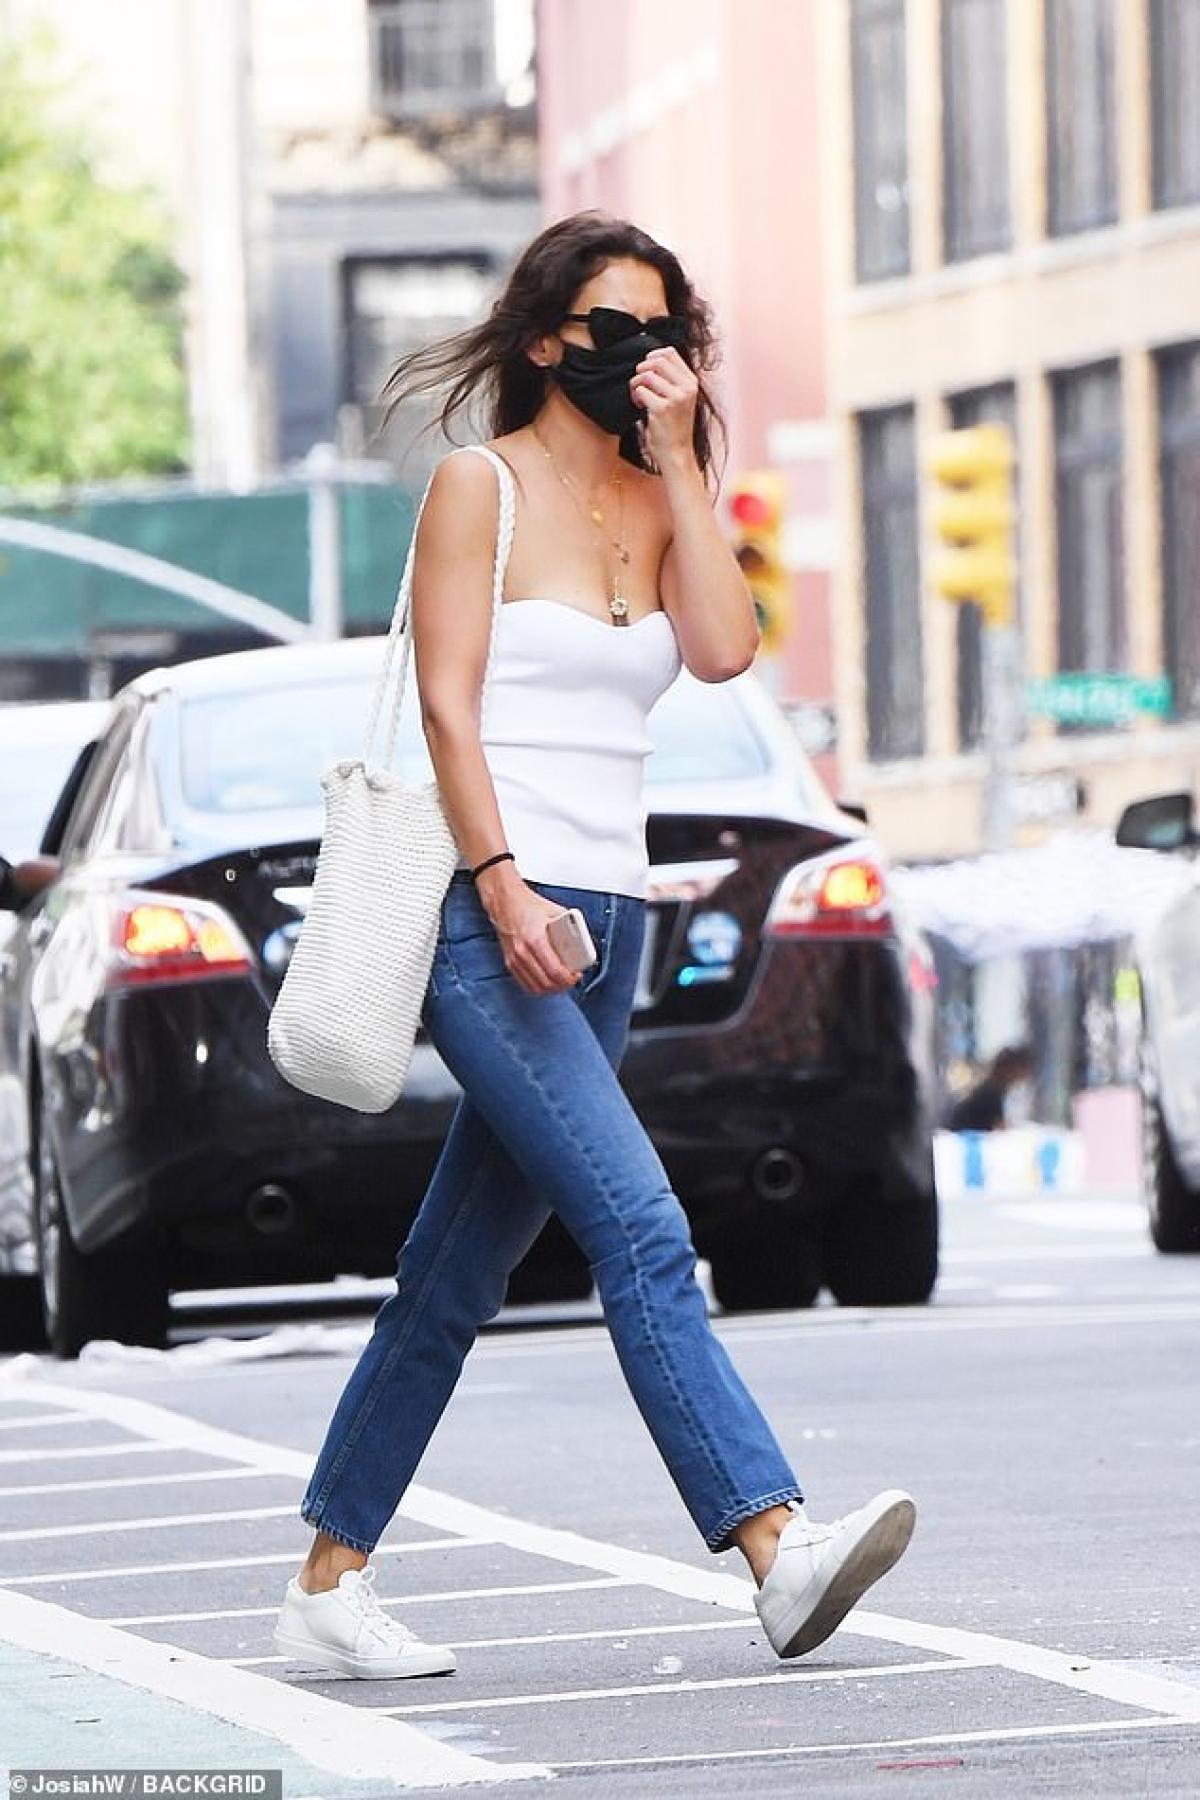 Nữ diễn viên diện áo quây màu trắng và quần jeans khỏe khoắn, khoe khéo vai trần gợi cảm.